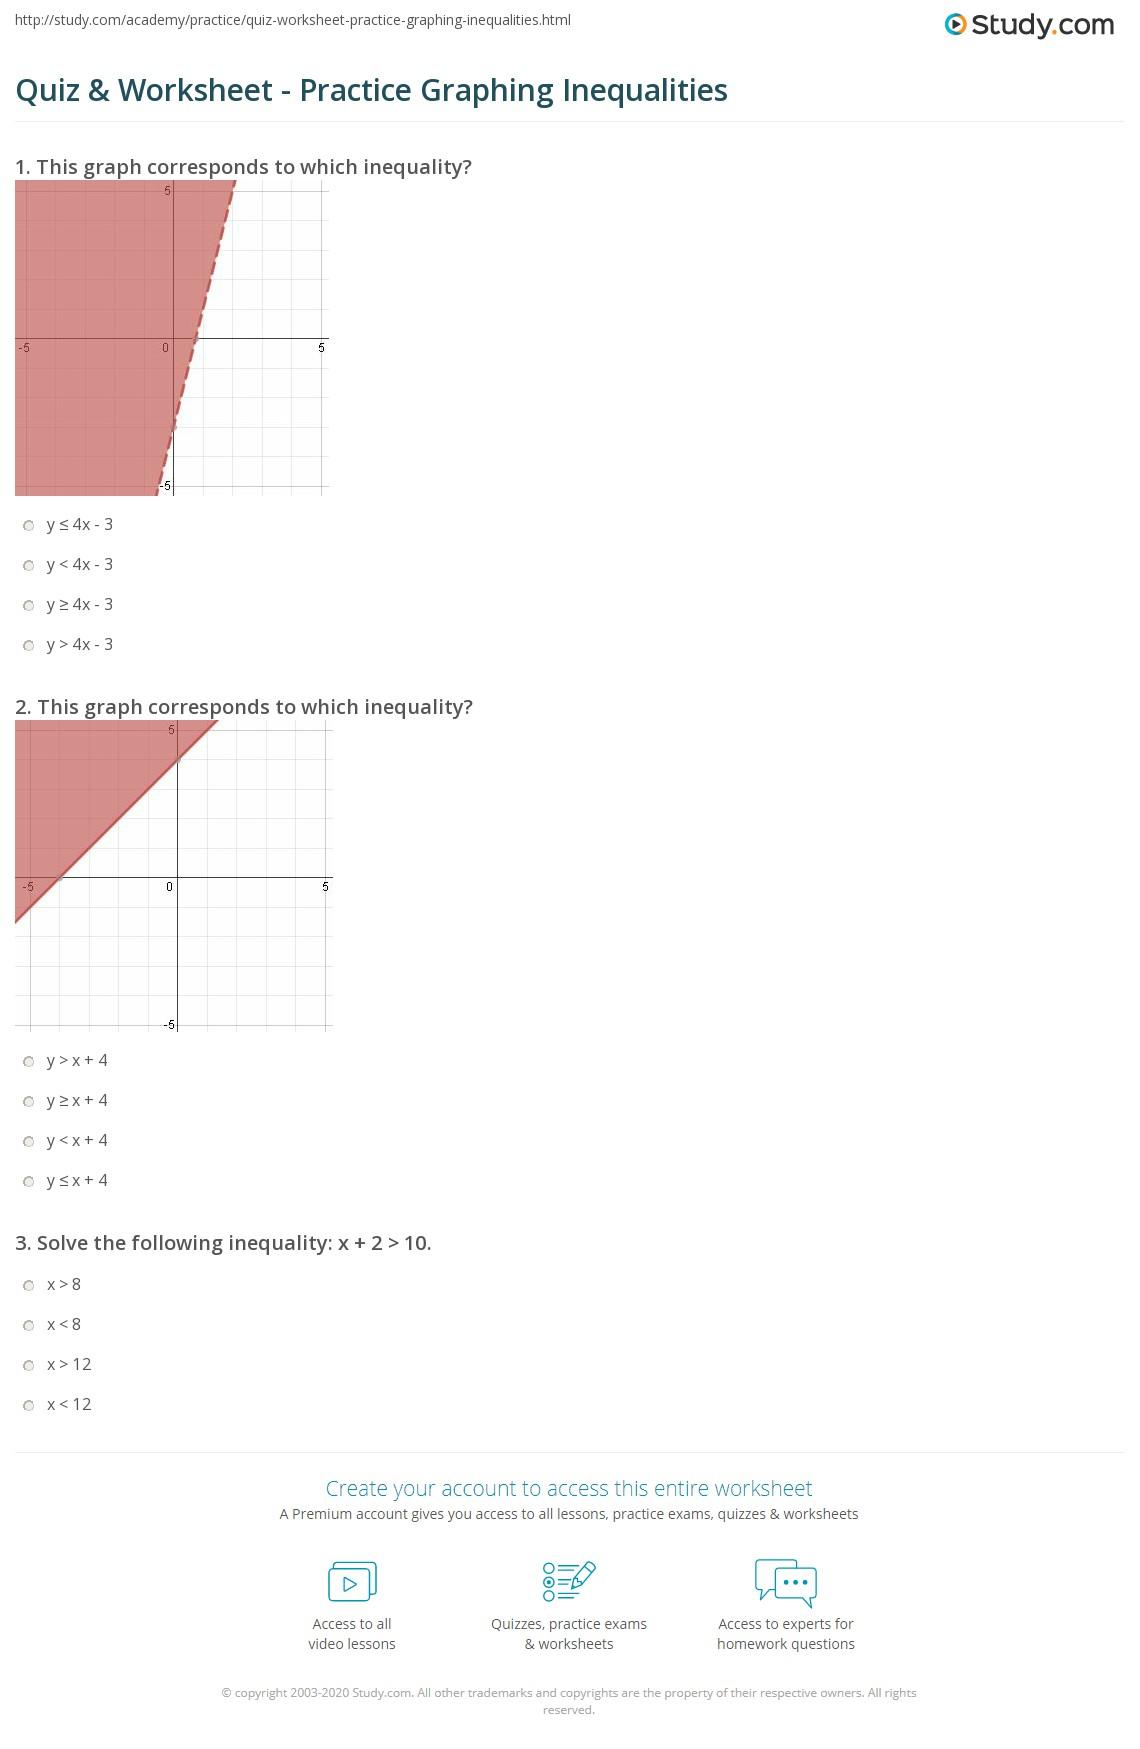 Quiz & Worksheet - Practice Graphing Inequalities | Study.com